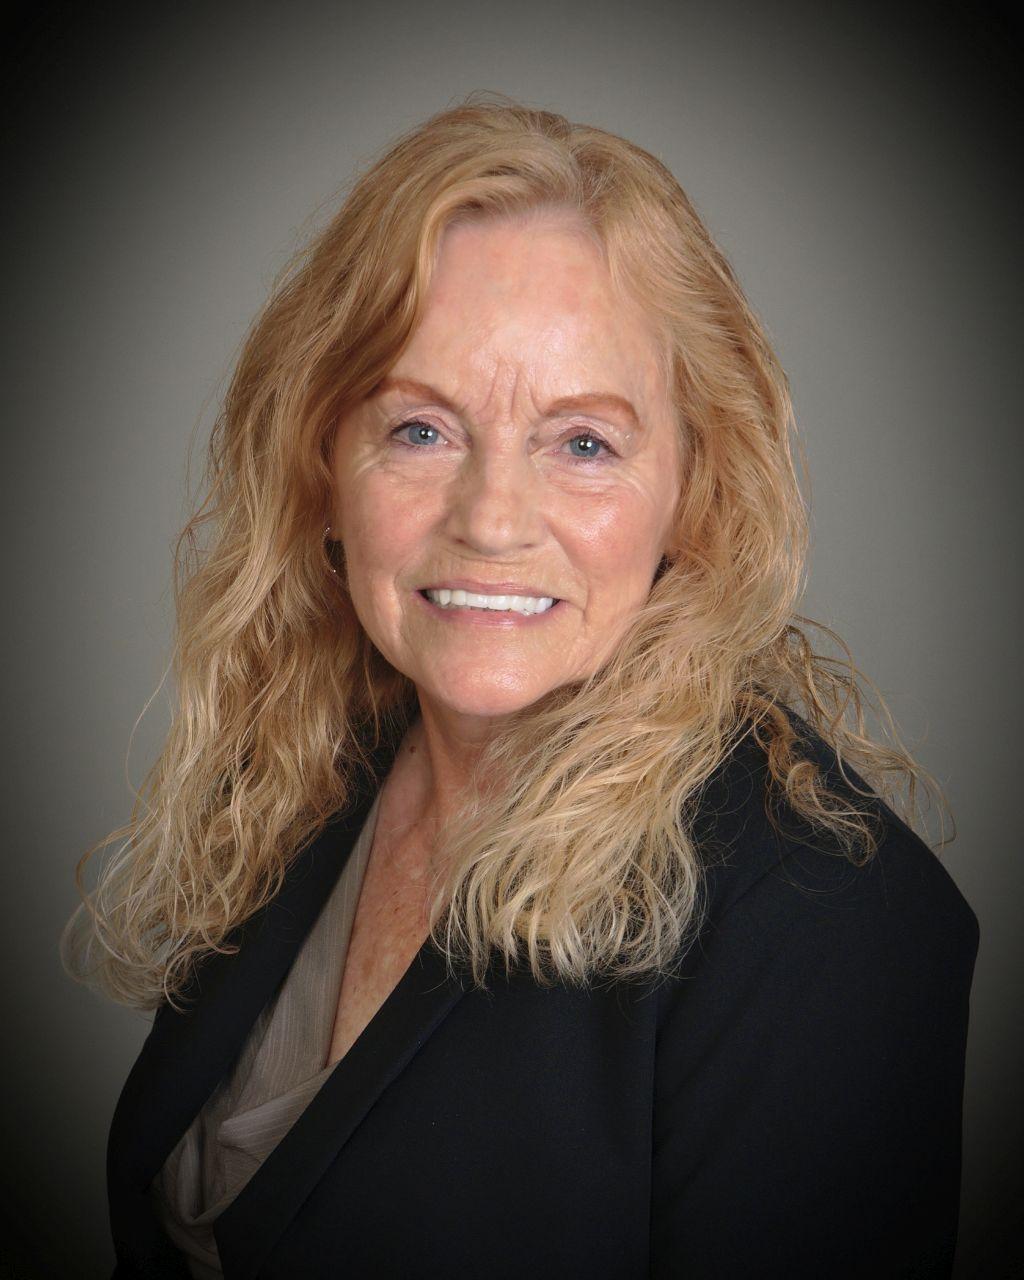 Sherry Hansen